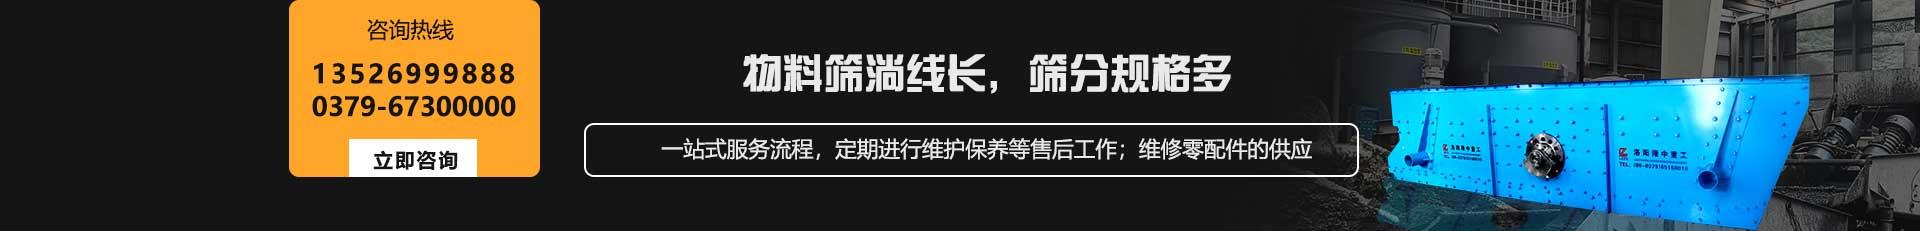 luo阳隆中亚游ji团下zai联系fang式